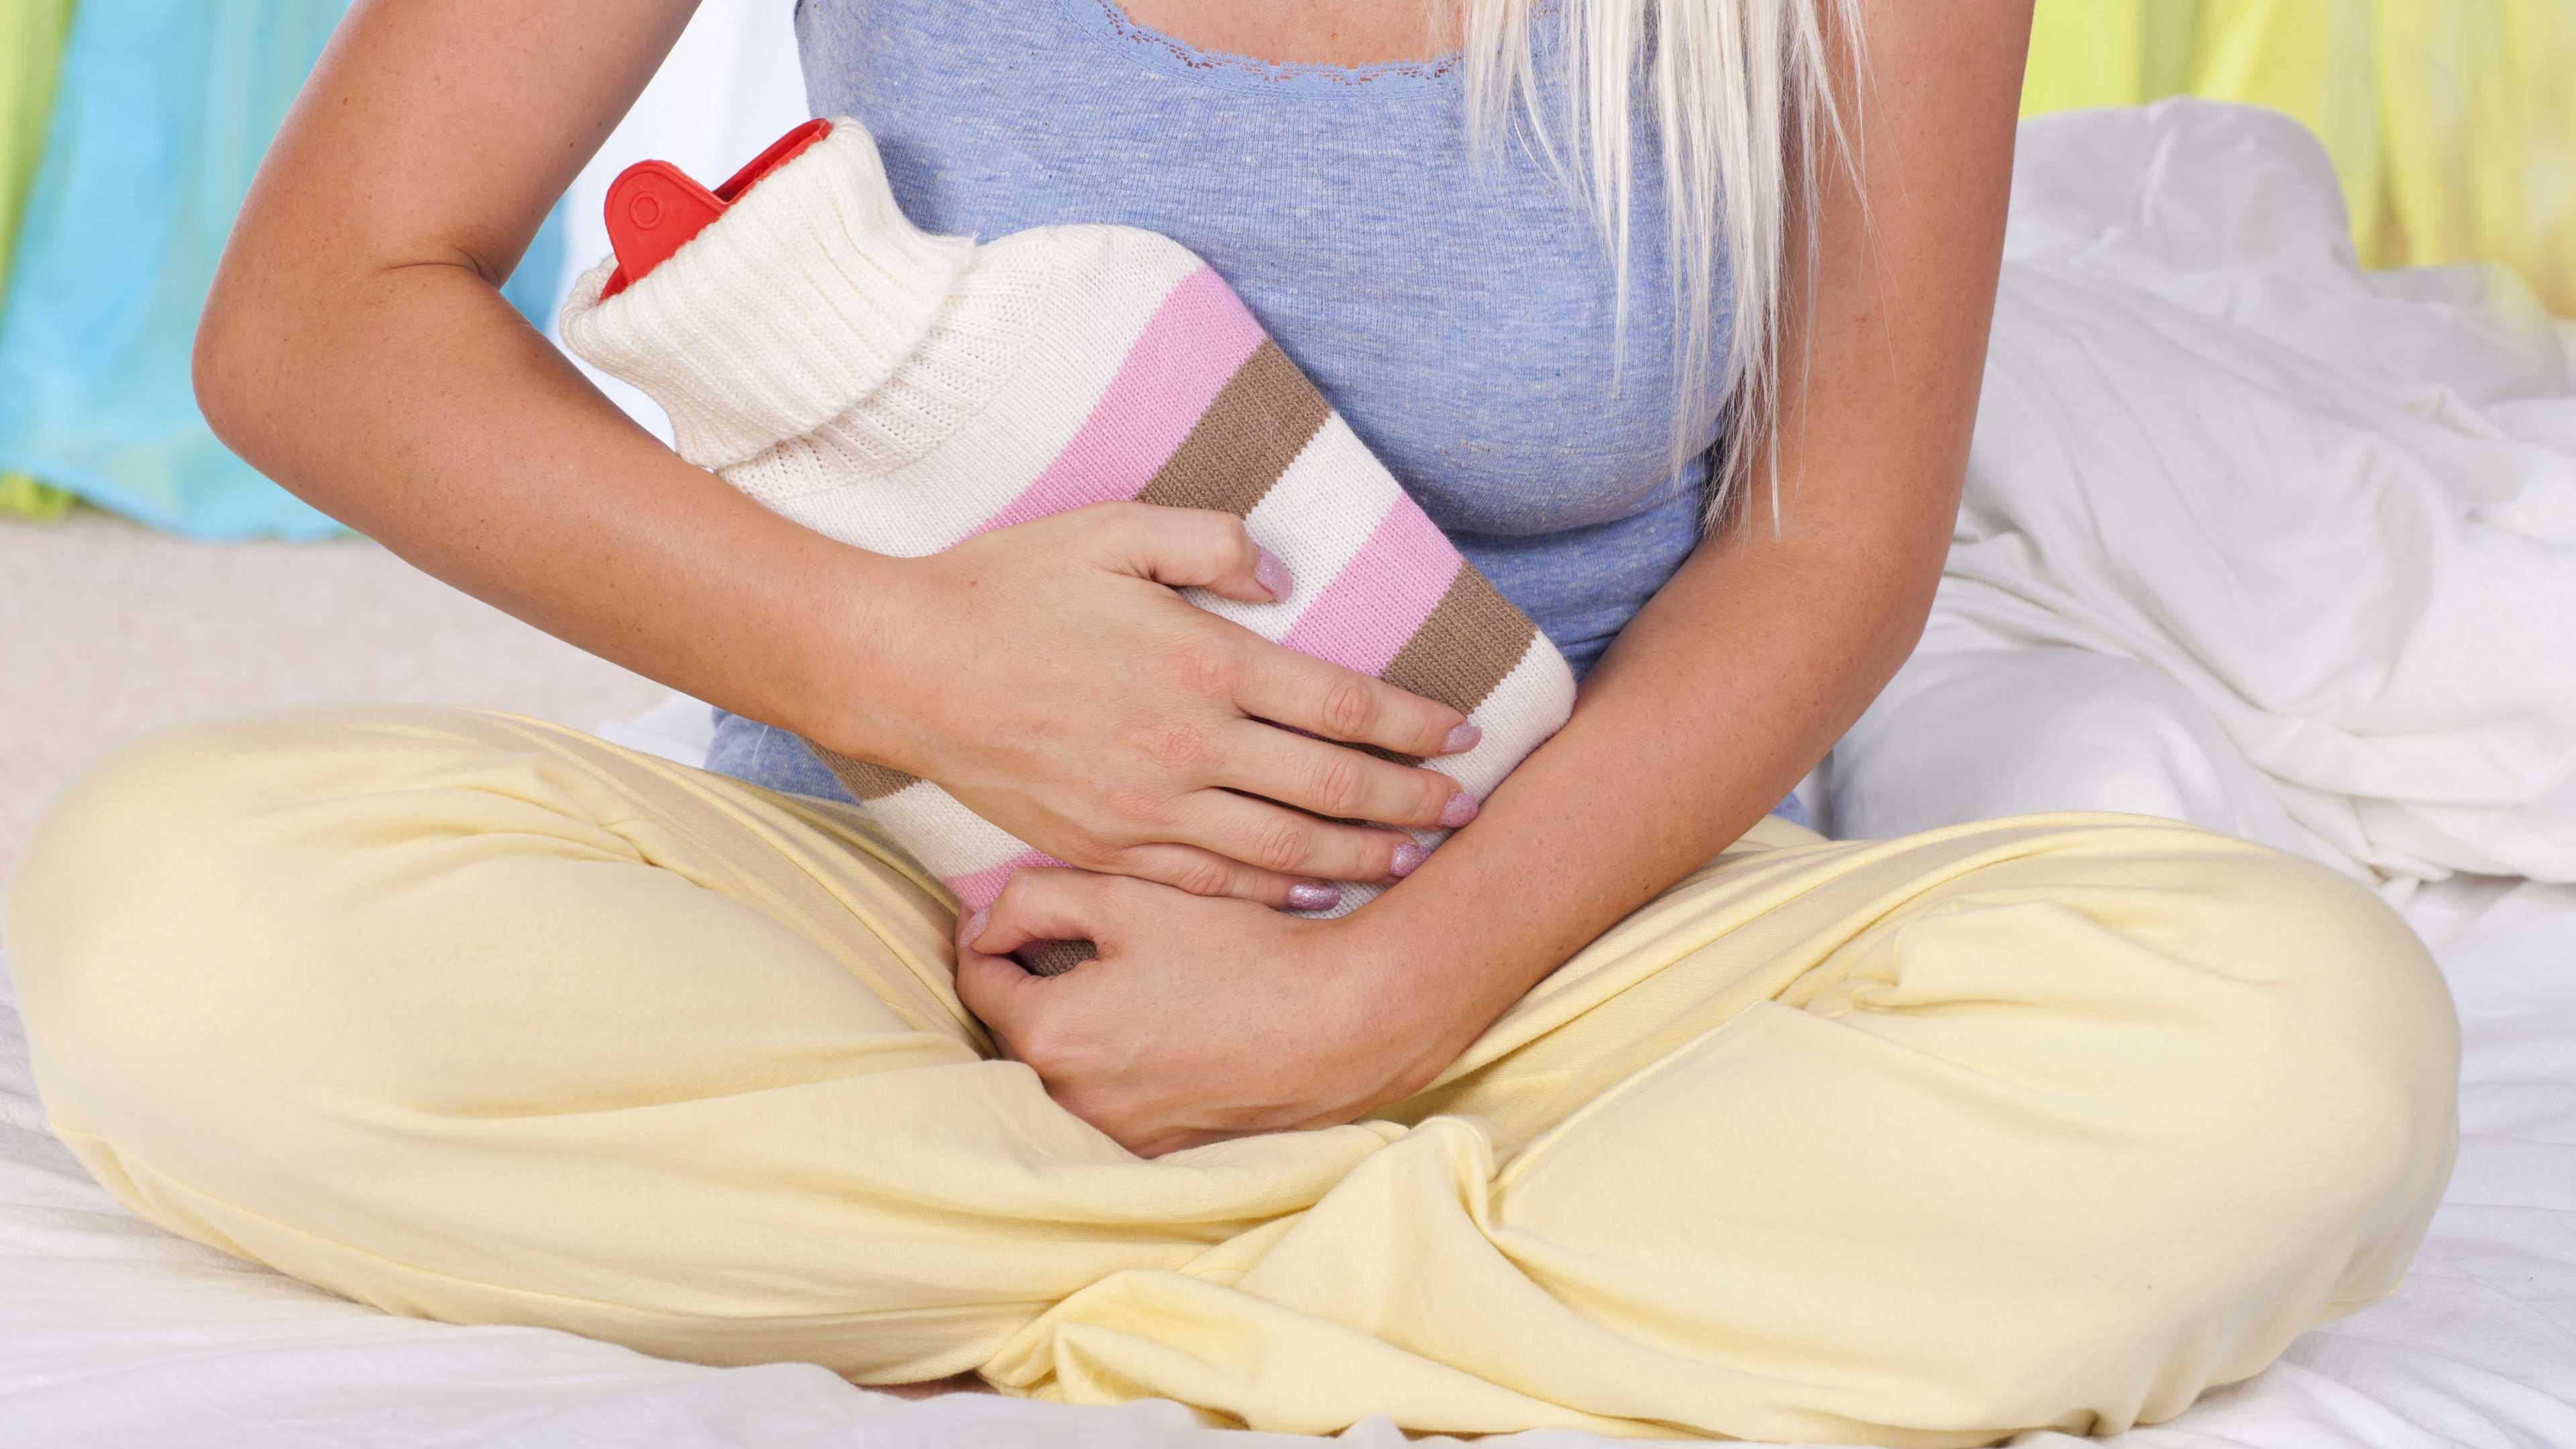 Воспаление: зачем оно задумано, как его найти и что с ним делать